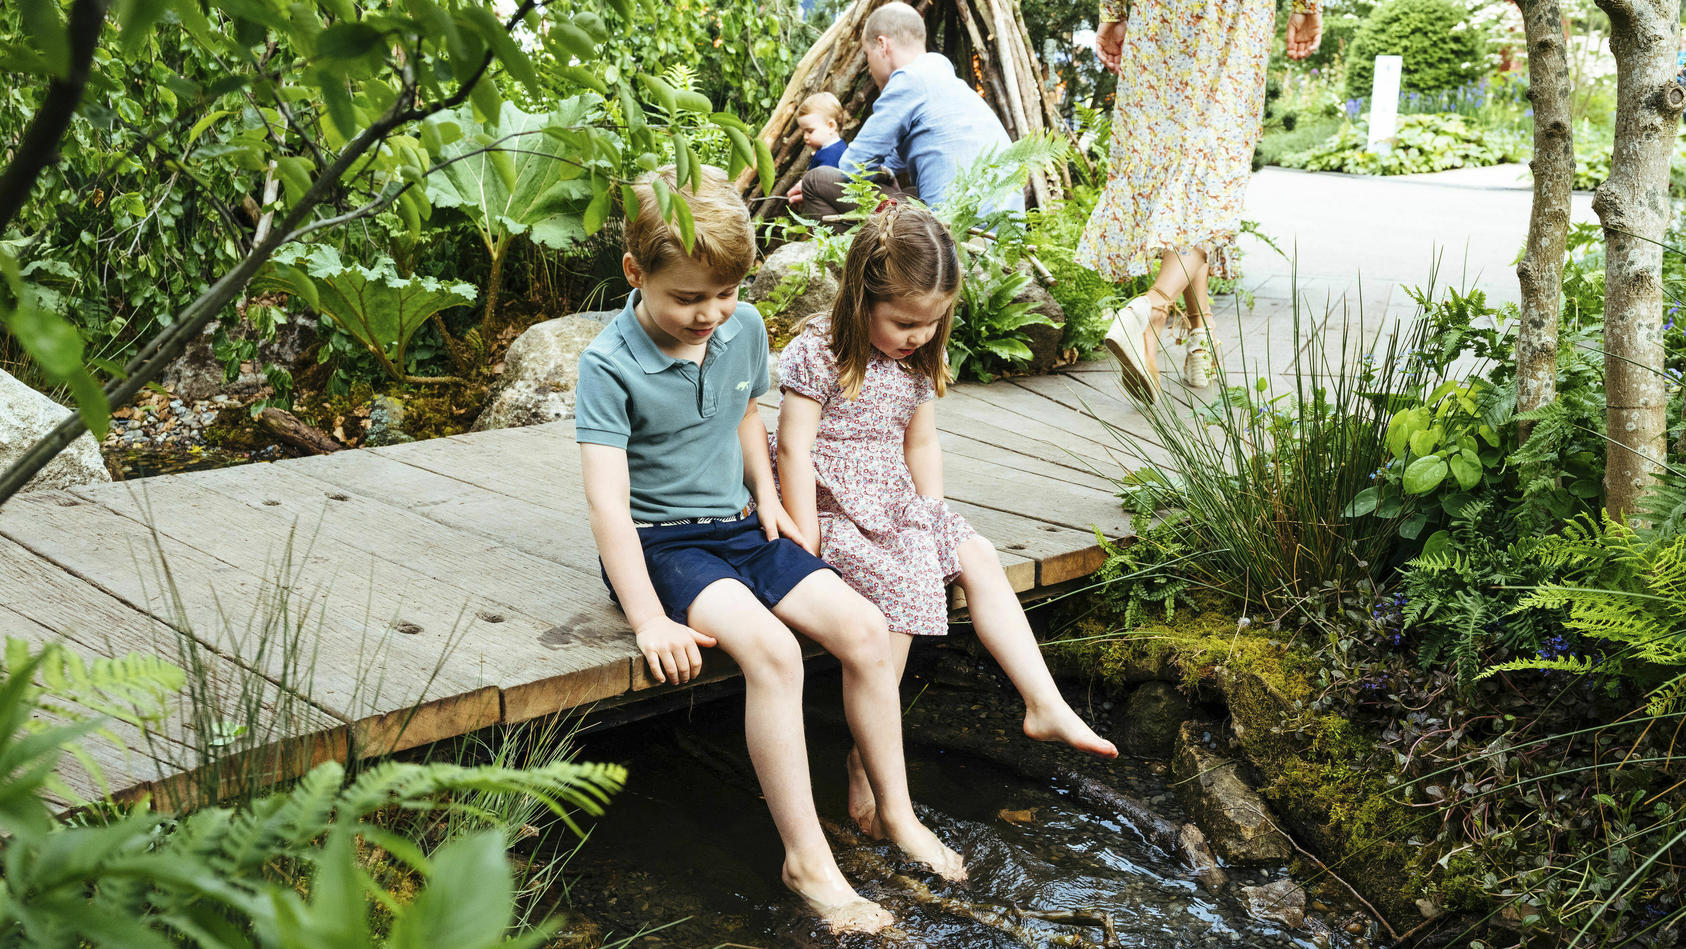 Die beiden ältesten Kinder von Prinz William (37), Prinz George (6) und Prinzessin Charlotte (4) von Cambridge, sind bereits ganz ordentliche Schwimmer.